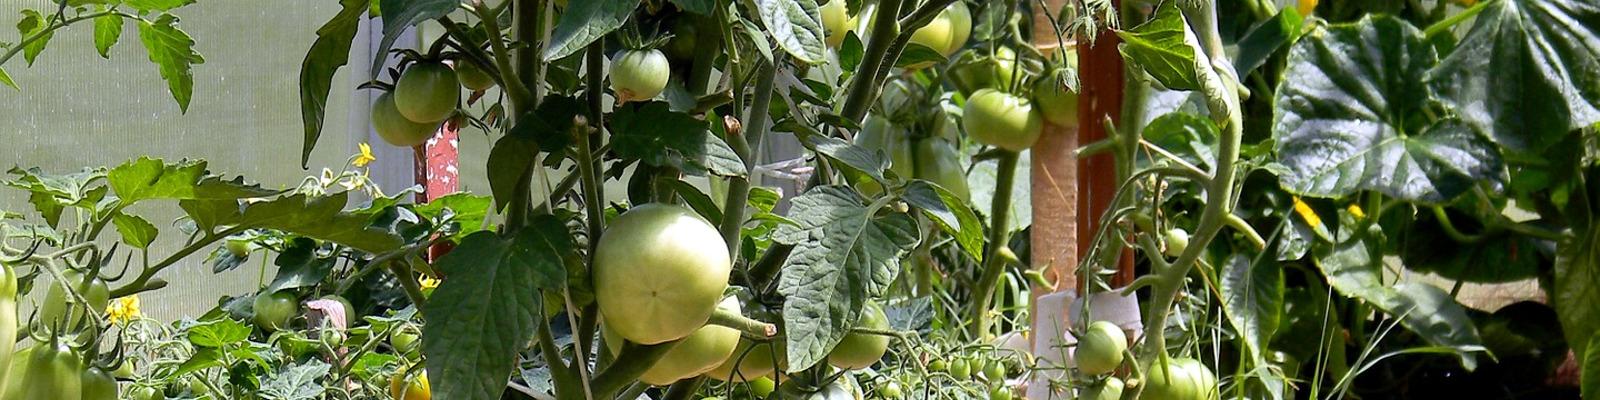 Tomaten anbauen im Gewächshaus